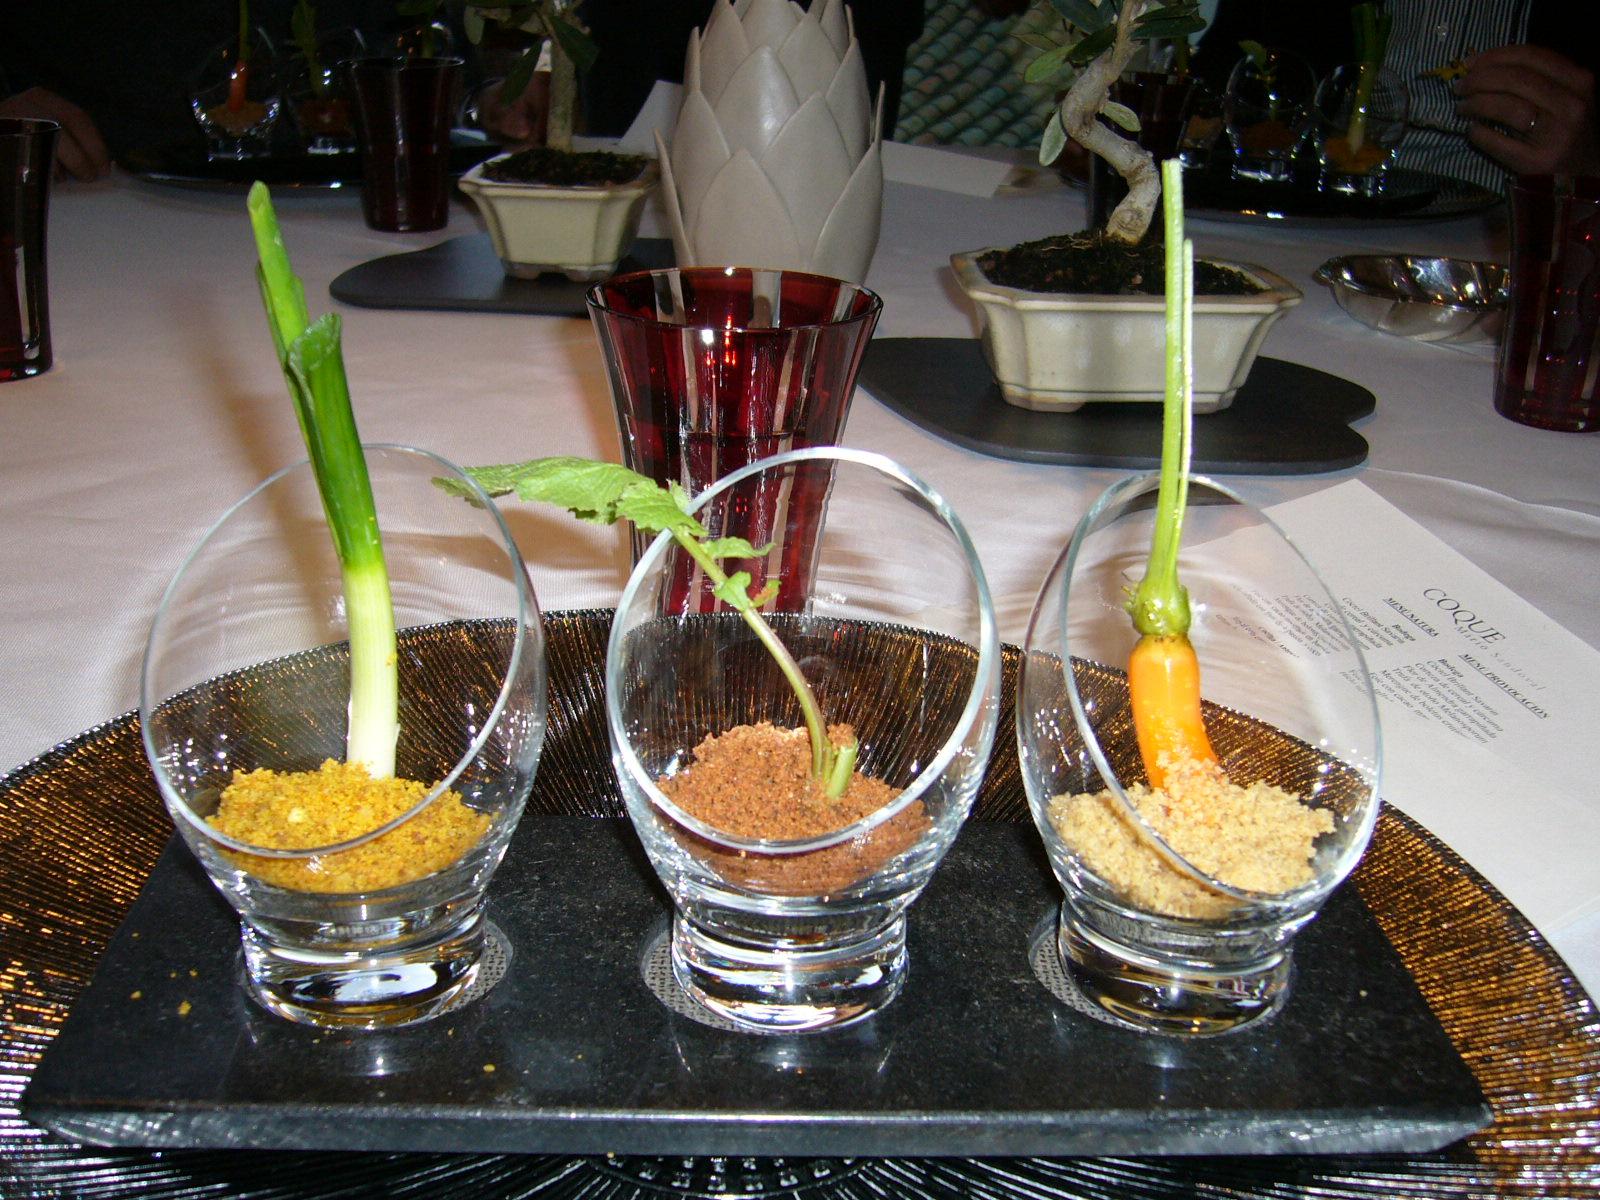 Coque en Humanes Puerro con tierra orgánica de maíz, zanahoria encurtida en crocante de cebolla y rabanito osmotizado en soja con remolacha